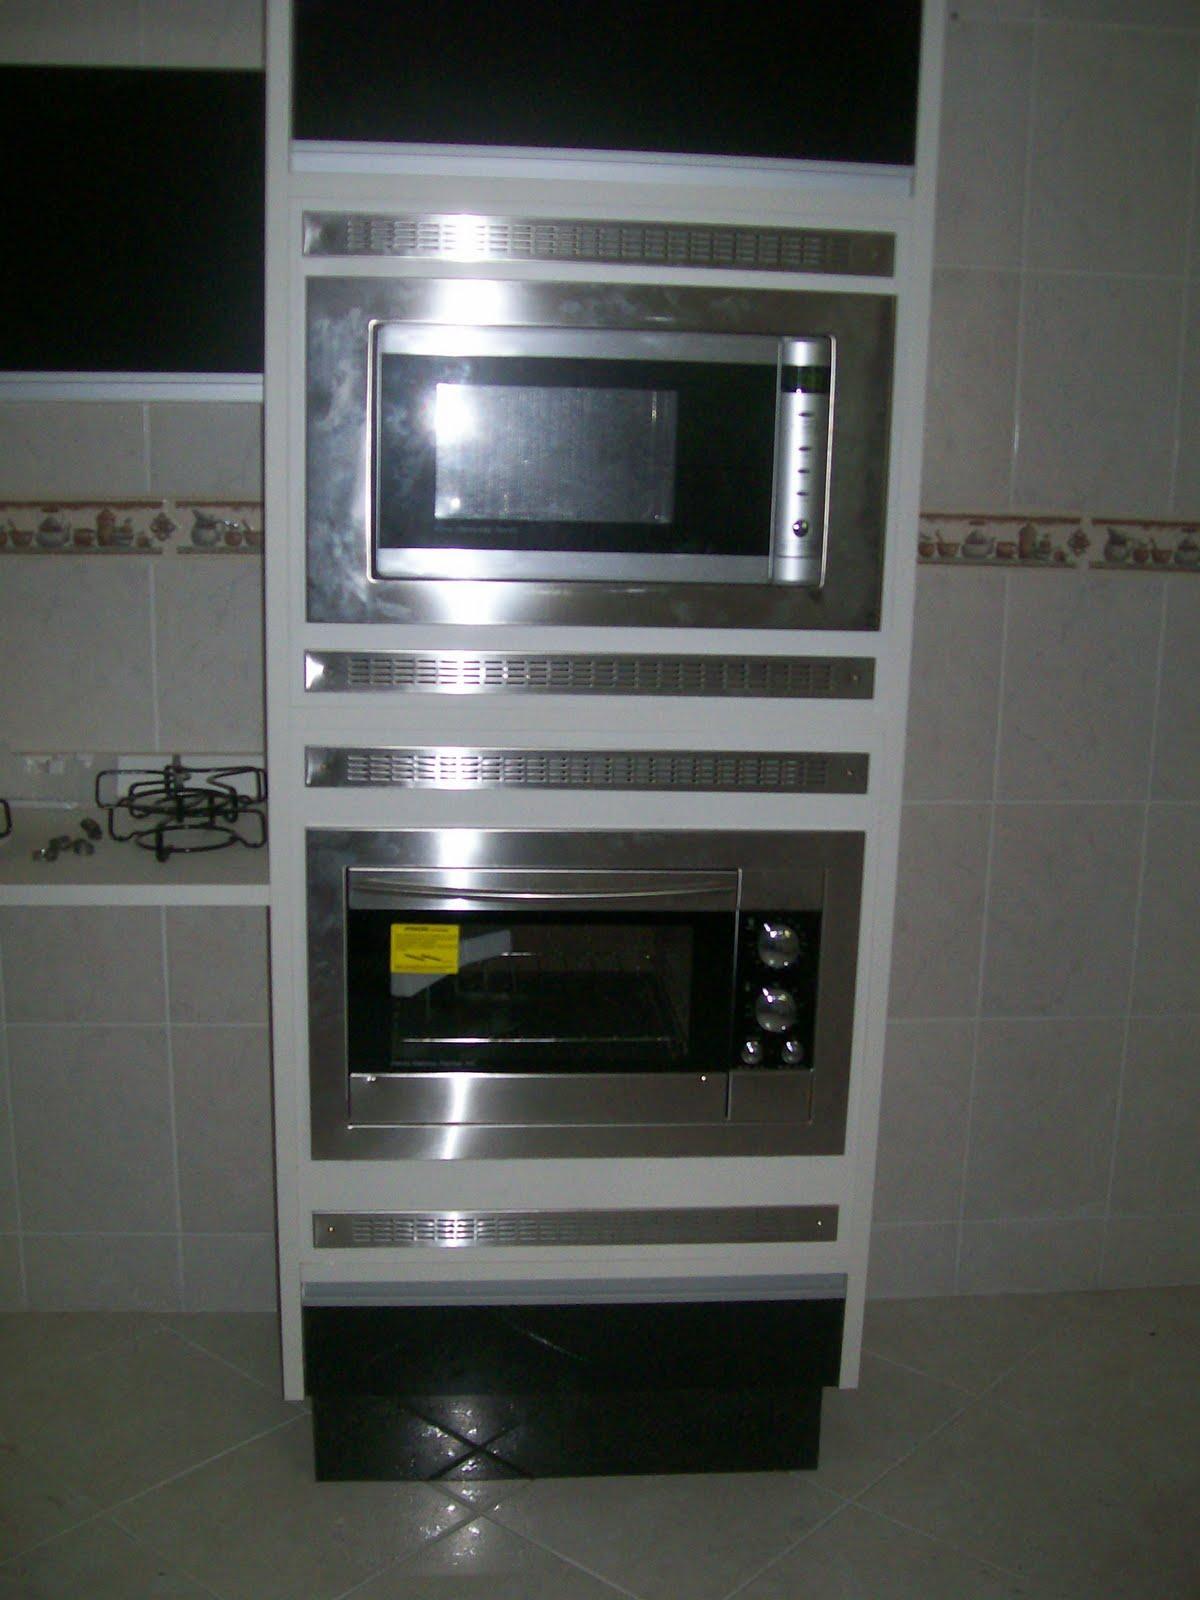 Casinha da Renatinha: Cozinha: Marceneiro ou Loja de Planejados??? #585E73 1200 1600